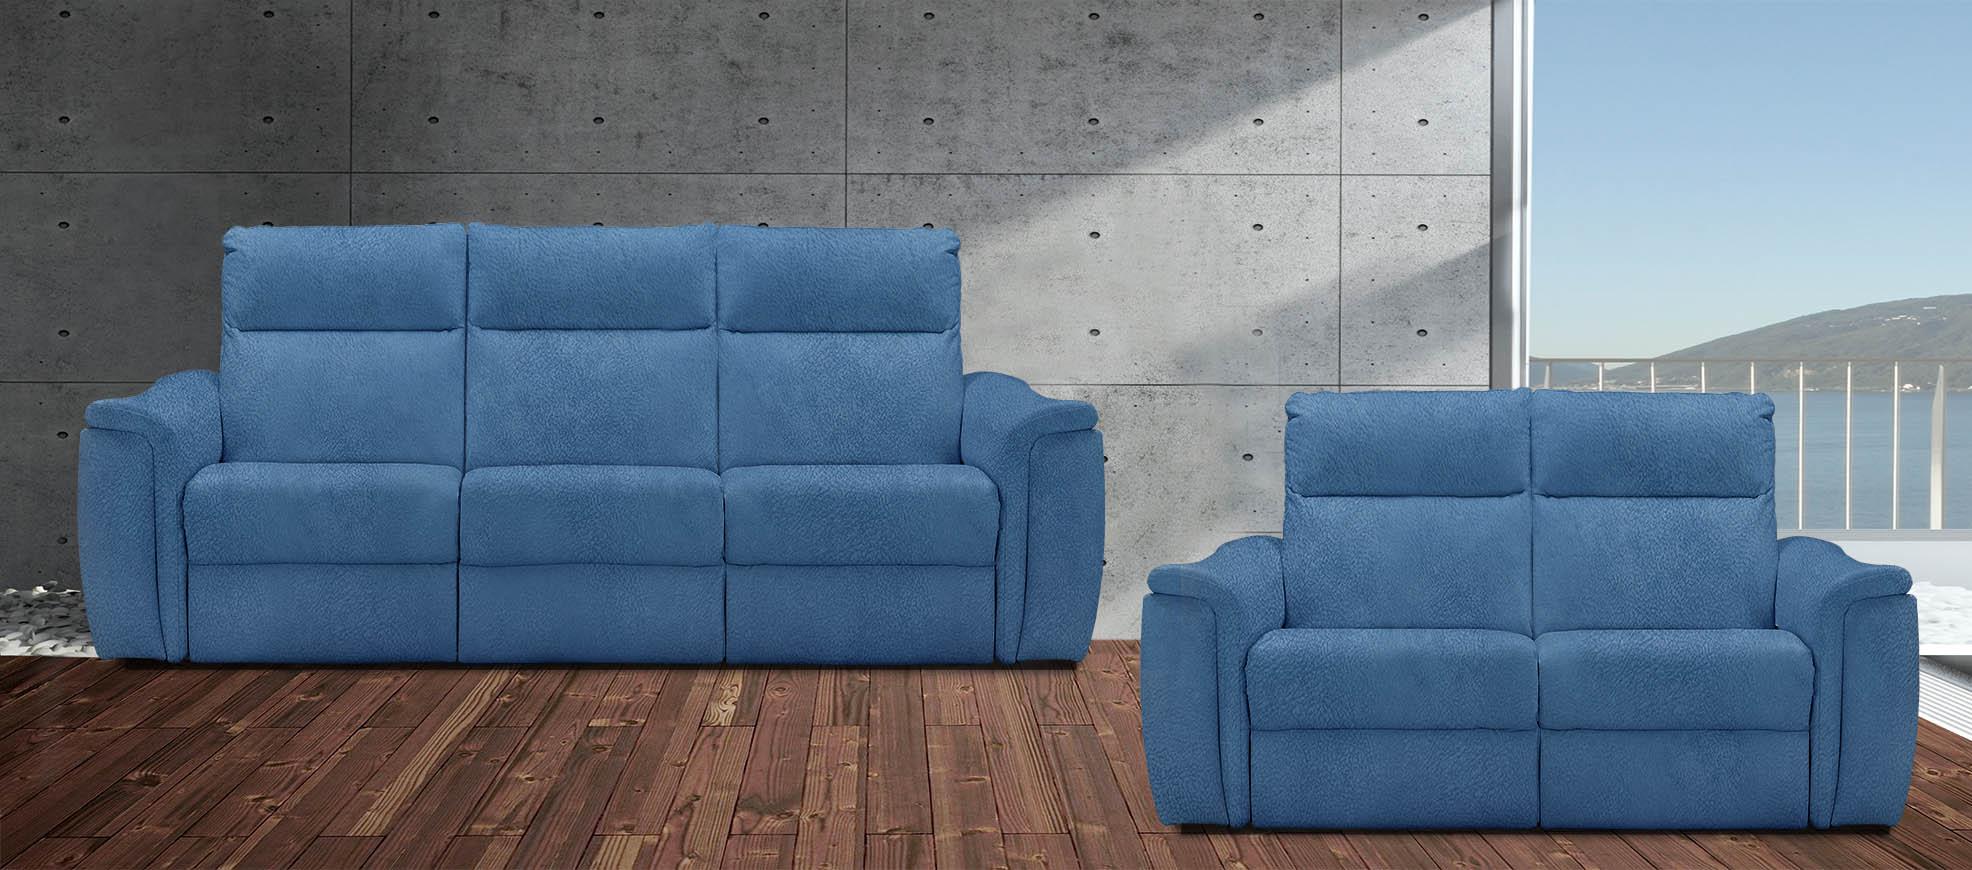 רילקסון 4056 3+2 סלון מתכוונן בד 4724 כחול 07 תוצרת קנדה ריקליינרים